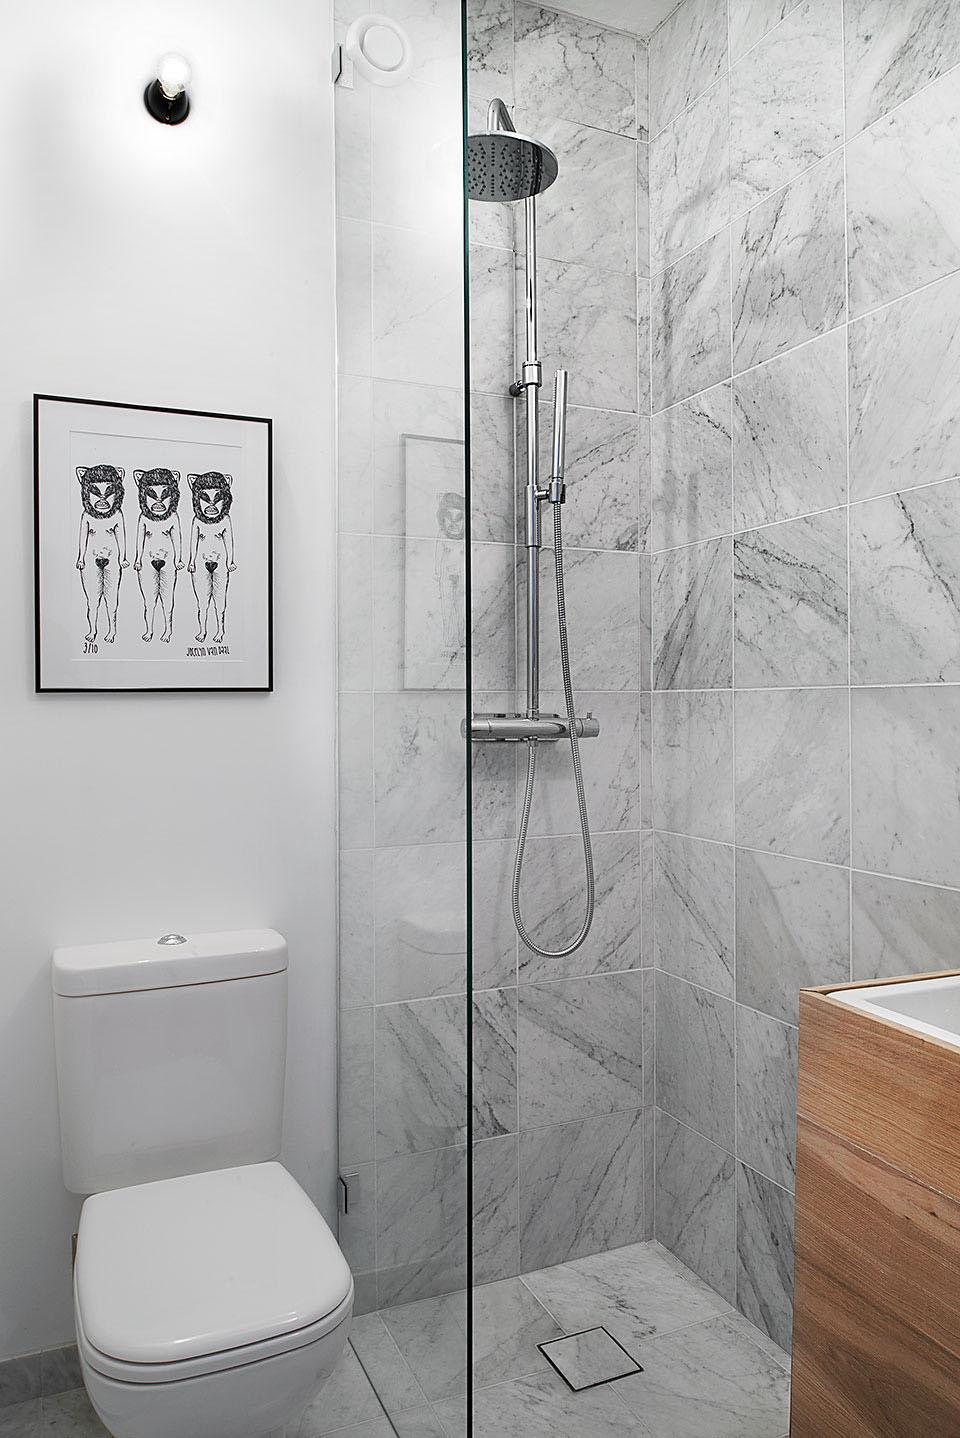 卫生间面积有限,但是很好的做了干湿分离,挂了装饰画,简单具有艺术感。